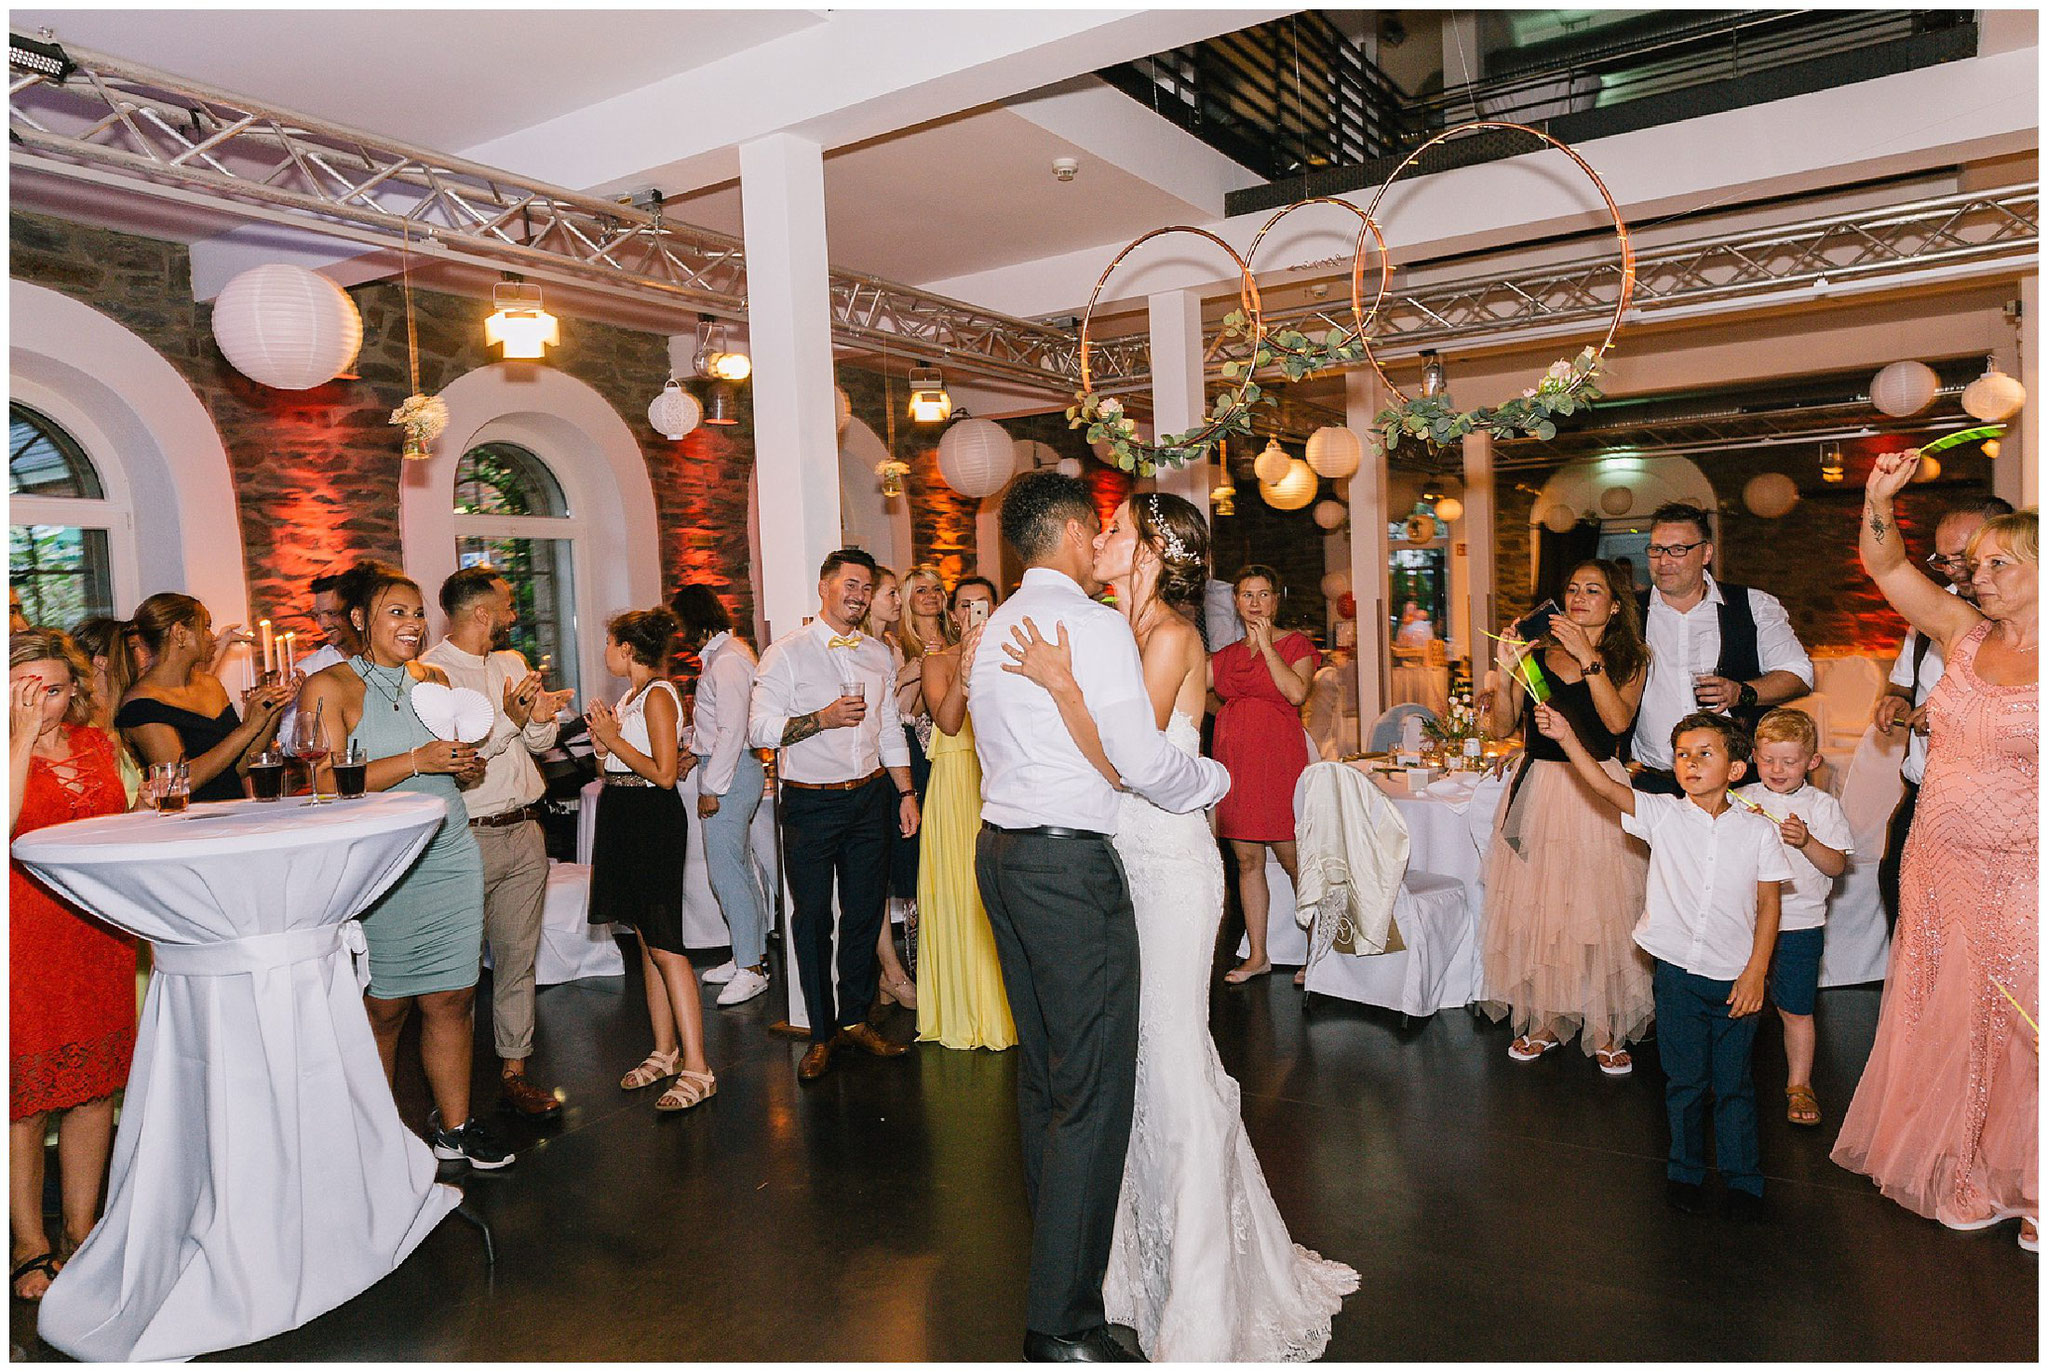 Hochzeitstanz hochzeitsfotograf Engelskirchen industrial chic hochzeit fine art wedding Galerie Hammerwerk jane weber